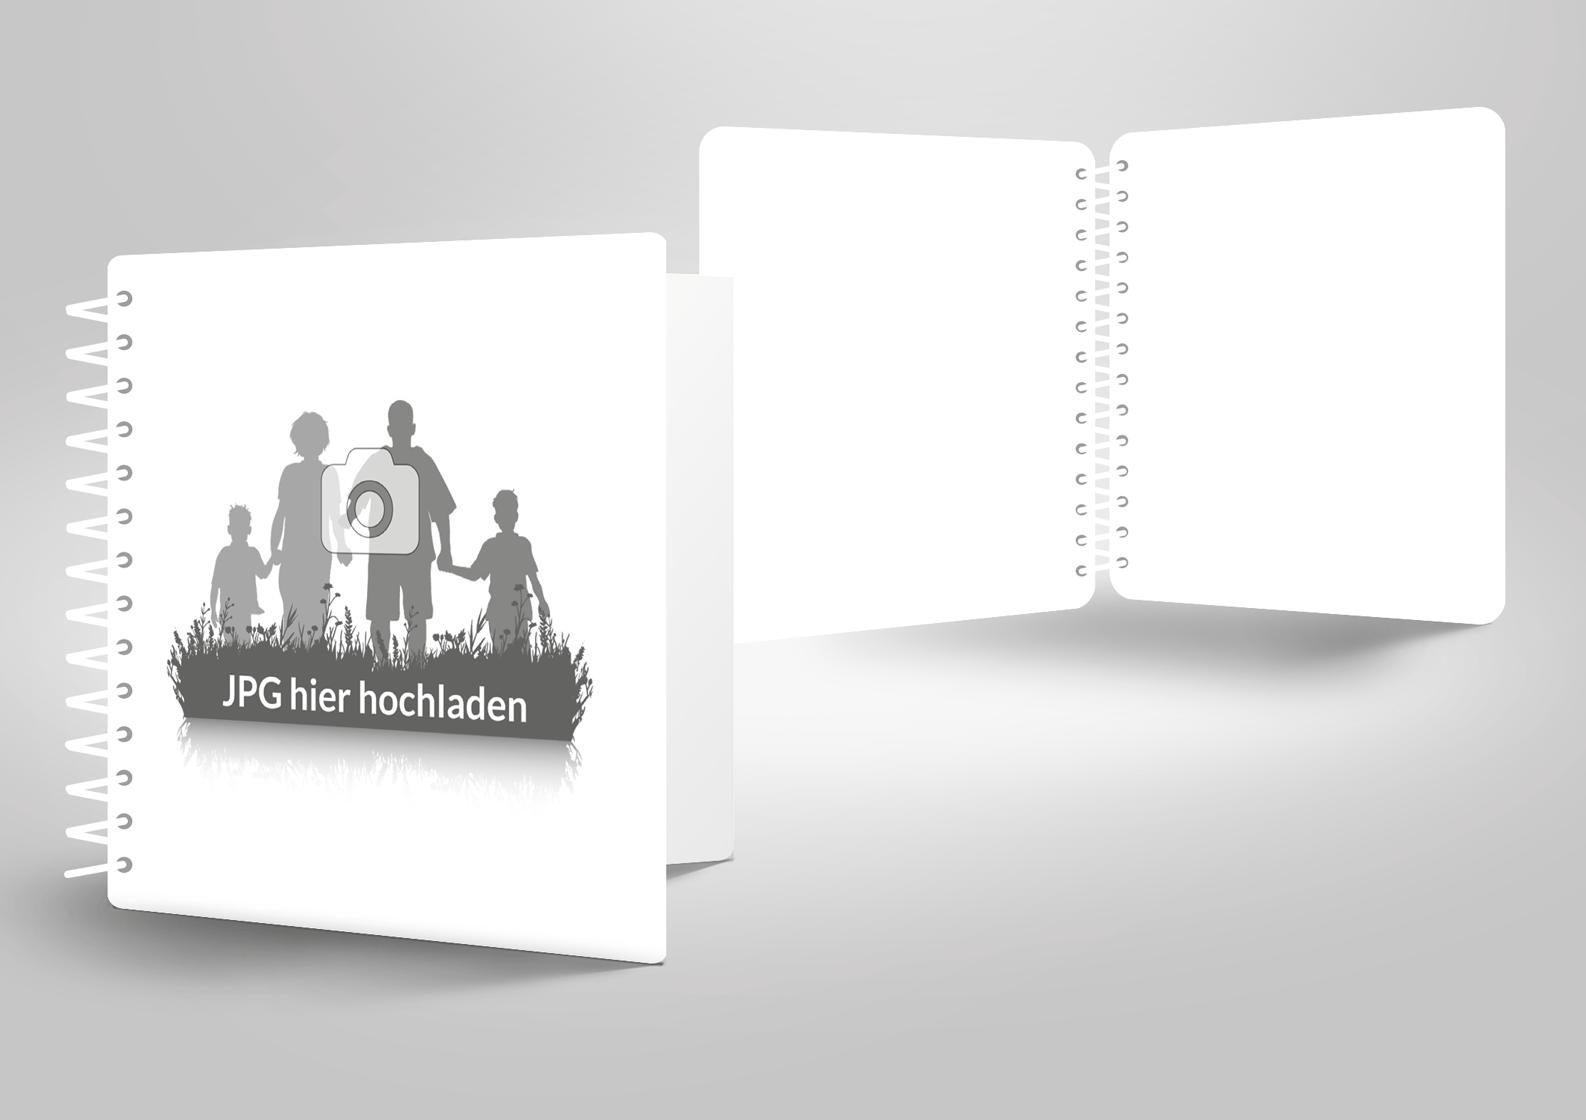 Jpg Hochladen Upload Druckdatei Hochzeit Co